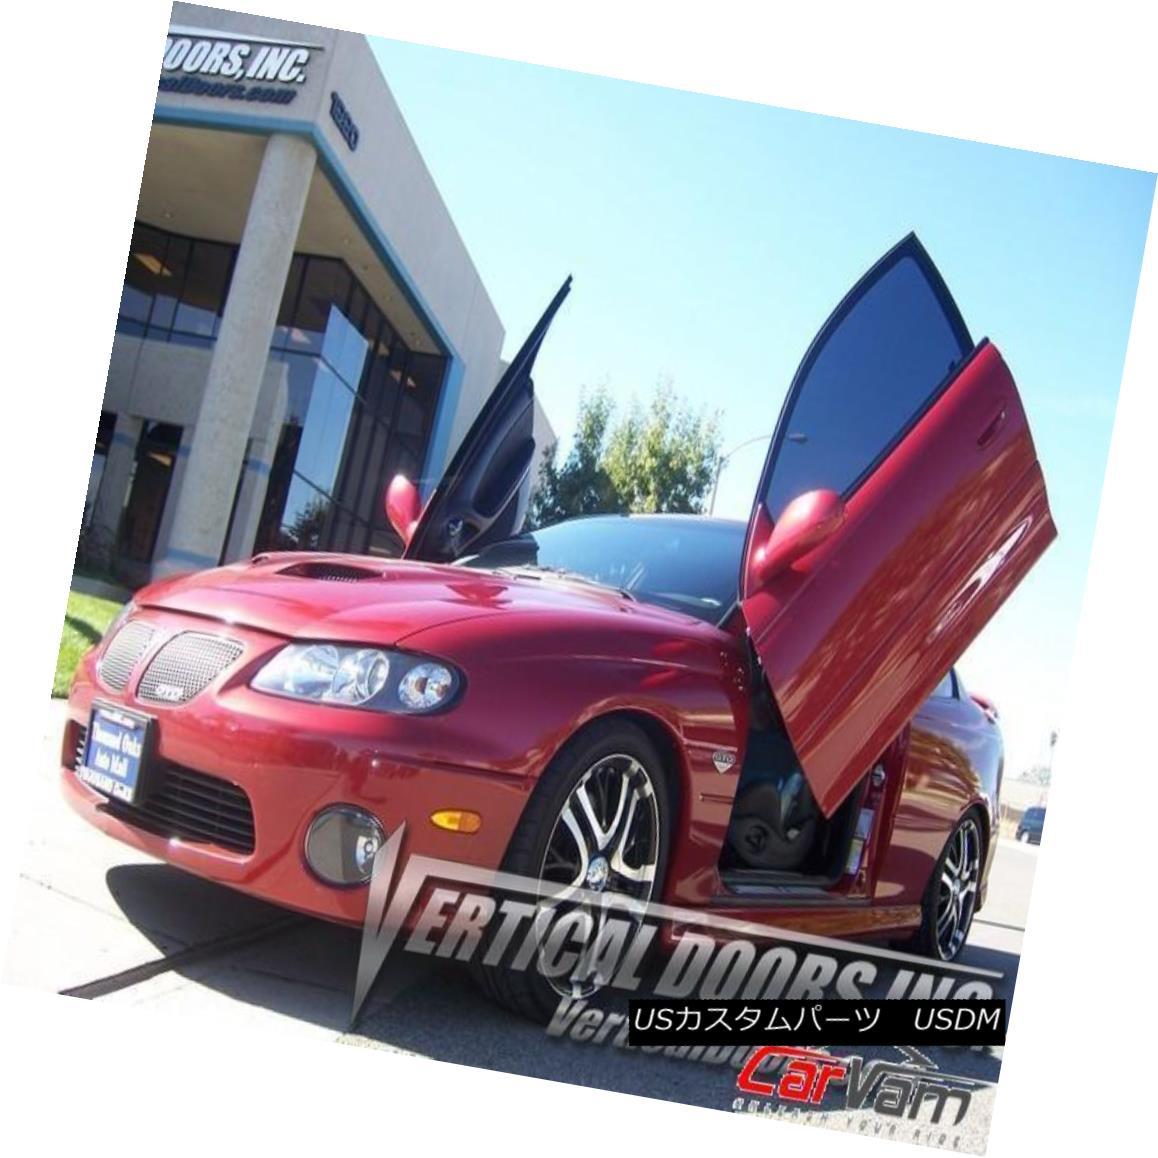 ガルウィングキット Vertical Doors - Vertical Lambo Door Kit For Pontiac GTO 2004-06 -VDCPONGTO0406 垂直ドア - ポンティアックGTO 2004-06のための垂直ランボルフトドアキット--VDCPONGTO0406